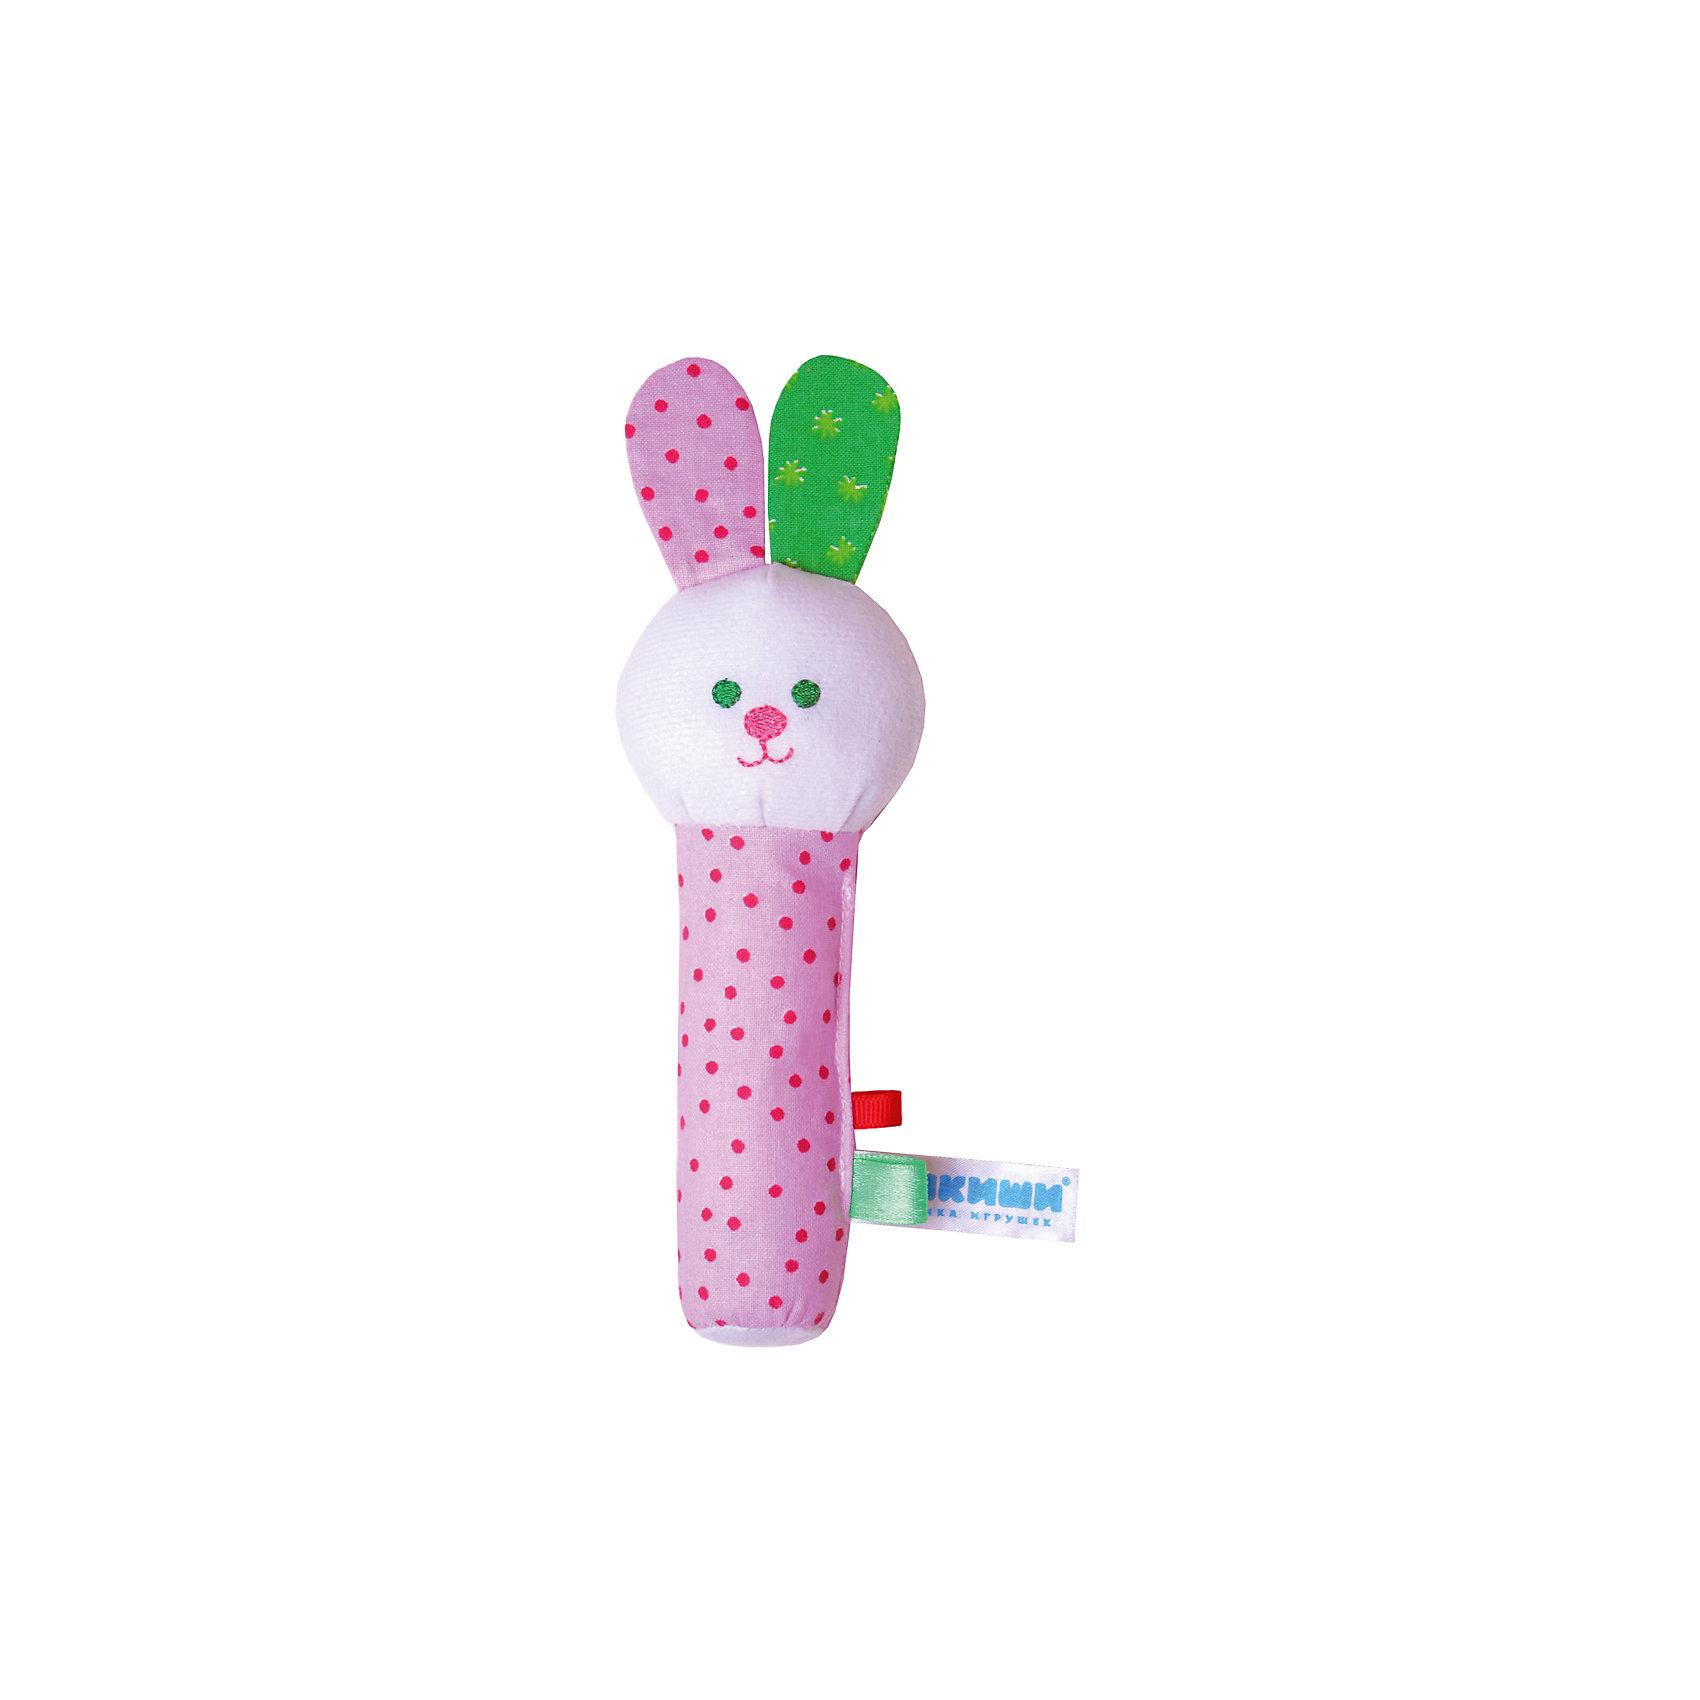 Игрушка Зайка, МякишиМягкие игрушки<br>Характеристики товара:<br><br>• материал: разнофактурный текстиль, холлофайбер<br>• комплектация: 1 шт<br>• размер игрушки: 17 х7 см<br>• звуковой элемент<br>• развивающая игрушка<br>• упаковка: ламинированный картонный холдер<br>• страна бренда: РФ<br>• страна изготовитель: РФ<br><br>Малыши активно познают мир и тянутся к новой информации. Чтобы сделать процесс изучения окружающего пространства интереснее, ребенку можно подарить развивающие игрушки. В процессе игры информация усваивается намного лучше!<br>Такие игрушки помогут занять малыша, играть ими приятно и весело. Одновременно они позволят познакомиться со многими цветами, фактурами, а также научиться извлекать звук. Подобные игрушки развивают тактильные ощущения, моторику, цветовосприятие, логику, воображение, учат фокусировать внимание. Каждое изделие абсолютно безопасно – оно создано из качественной ткани с мягким наполнителем. Игрушки производятся из качественных и проверенных материалов, которые безопасны для детей.<br><br>Игрушку Зайка от бренда Мякиши можно купить в нашем интернет-магазине.<br><br>Ширина мм: 170<br>Глубина мм: 40<br>Высота мм: 70<br>Вес г: 40<br>Возраст от месяцев: 12<br>Возраст до месяцев: 36<br>Пол: Унисекс<br>Возраст: Детский<br>SKU: 5183201